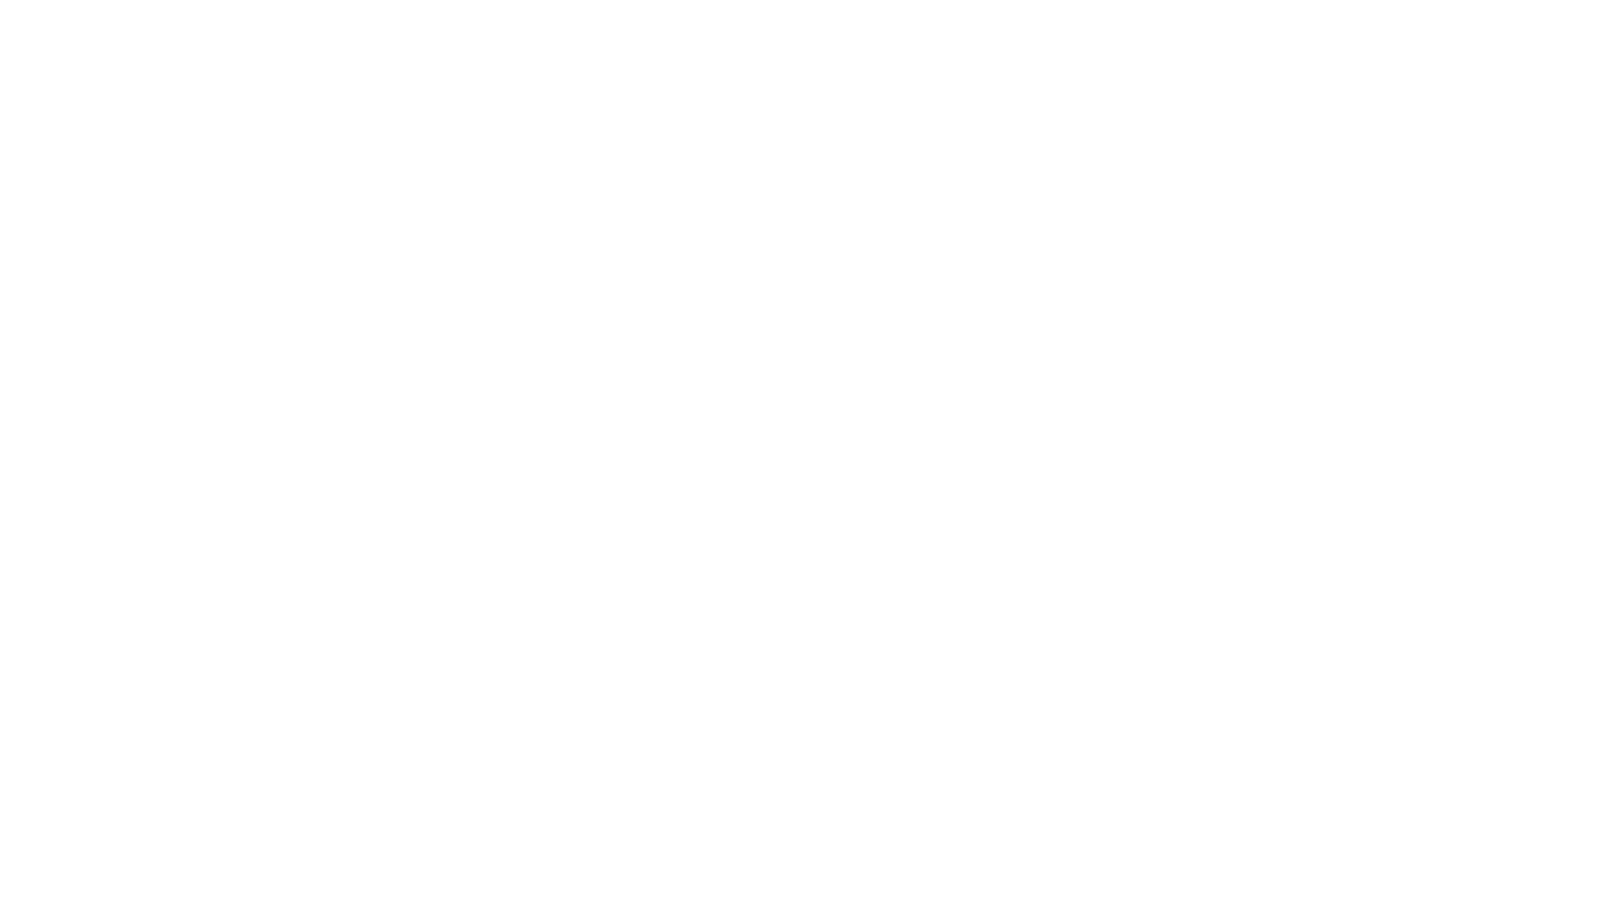 عملت استديو احترافي في المنزل من ولا حاجه | فقط بالمونتاج  لو احتاجت حاجه تقدر تبعتلي علي انستجرام  👇👇 Instagram: https://bit.ly/3taDPcV Tiktok: https://bit.ly/2RnDYeV  For business inquiries: 📩👇 للأستفسارات التجاريه  business@mahmoudfooda.com  لينكات ممكن تهمك ! فن الاضاءه والتكوين لصناع المحتوي  https://bit.ly/3x1QYWU تلوين الفيديو بدوسة زرار  https://bit.ly/3kV7oh5 ازاي صورت اعلان بي رول في البيت  https://bit.ly/3i1qekU سر تلوين واضاءة فيديوهاتي  https://bit.ly/2TEb6jG افضل موقع للتغذية البصريه لصانعين الافلام https://bit.ly/3i8L8z9 قاعدة هامة للمونتاج ! لازم تعرفها https://bit.ly/34l3IMs ليه لازم تصور  ( 4k )  https://bit.ly/3cRy51u توزيع الاضاءة بمحاكي توزيع الاضاءة https://bit.ly/2R0Axv6 مراجعة ارخص عدسه وايد لكاميرات سوني  https://bit.ly/3hRFaCF فيلم صياد وثائقي  https://bit.ly/38KMJW8 كواليس تصوير الفيلم https://bit.ly/3232011 ازاي تصور زي كاميرات السينما https://bit.ly/3sPkYUl افكار تصوير بالموبيل احترف الرسم بالضوء  https://bit.ly/3qTbBlA مواقع مهمه مجانيه لتنزيل اضافات لازم تعرفهم https://bit.ly/2MllJVk  Main Camera https://amzn.to/3hdDDWJ Samyang35mm f1.4  https://amzn.to/3AnjW6p Tamron 20mm f2.8  https://amzn.to/3x9dfTr ND filter https://amzn.to/3h93Jds Tilta matte box https://amzn.to/3hsbREJ Razer Mouse  https://amzn.to/3xgC7si